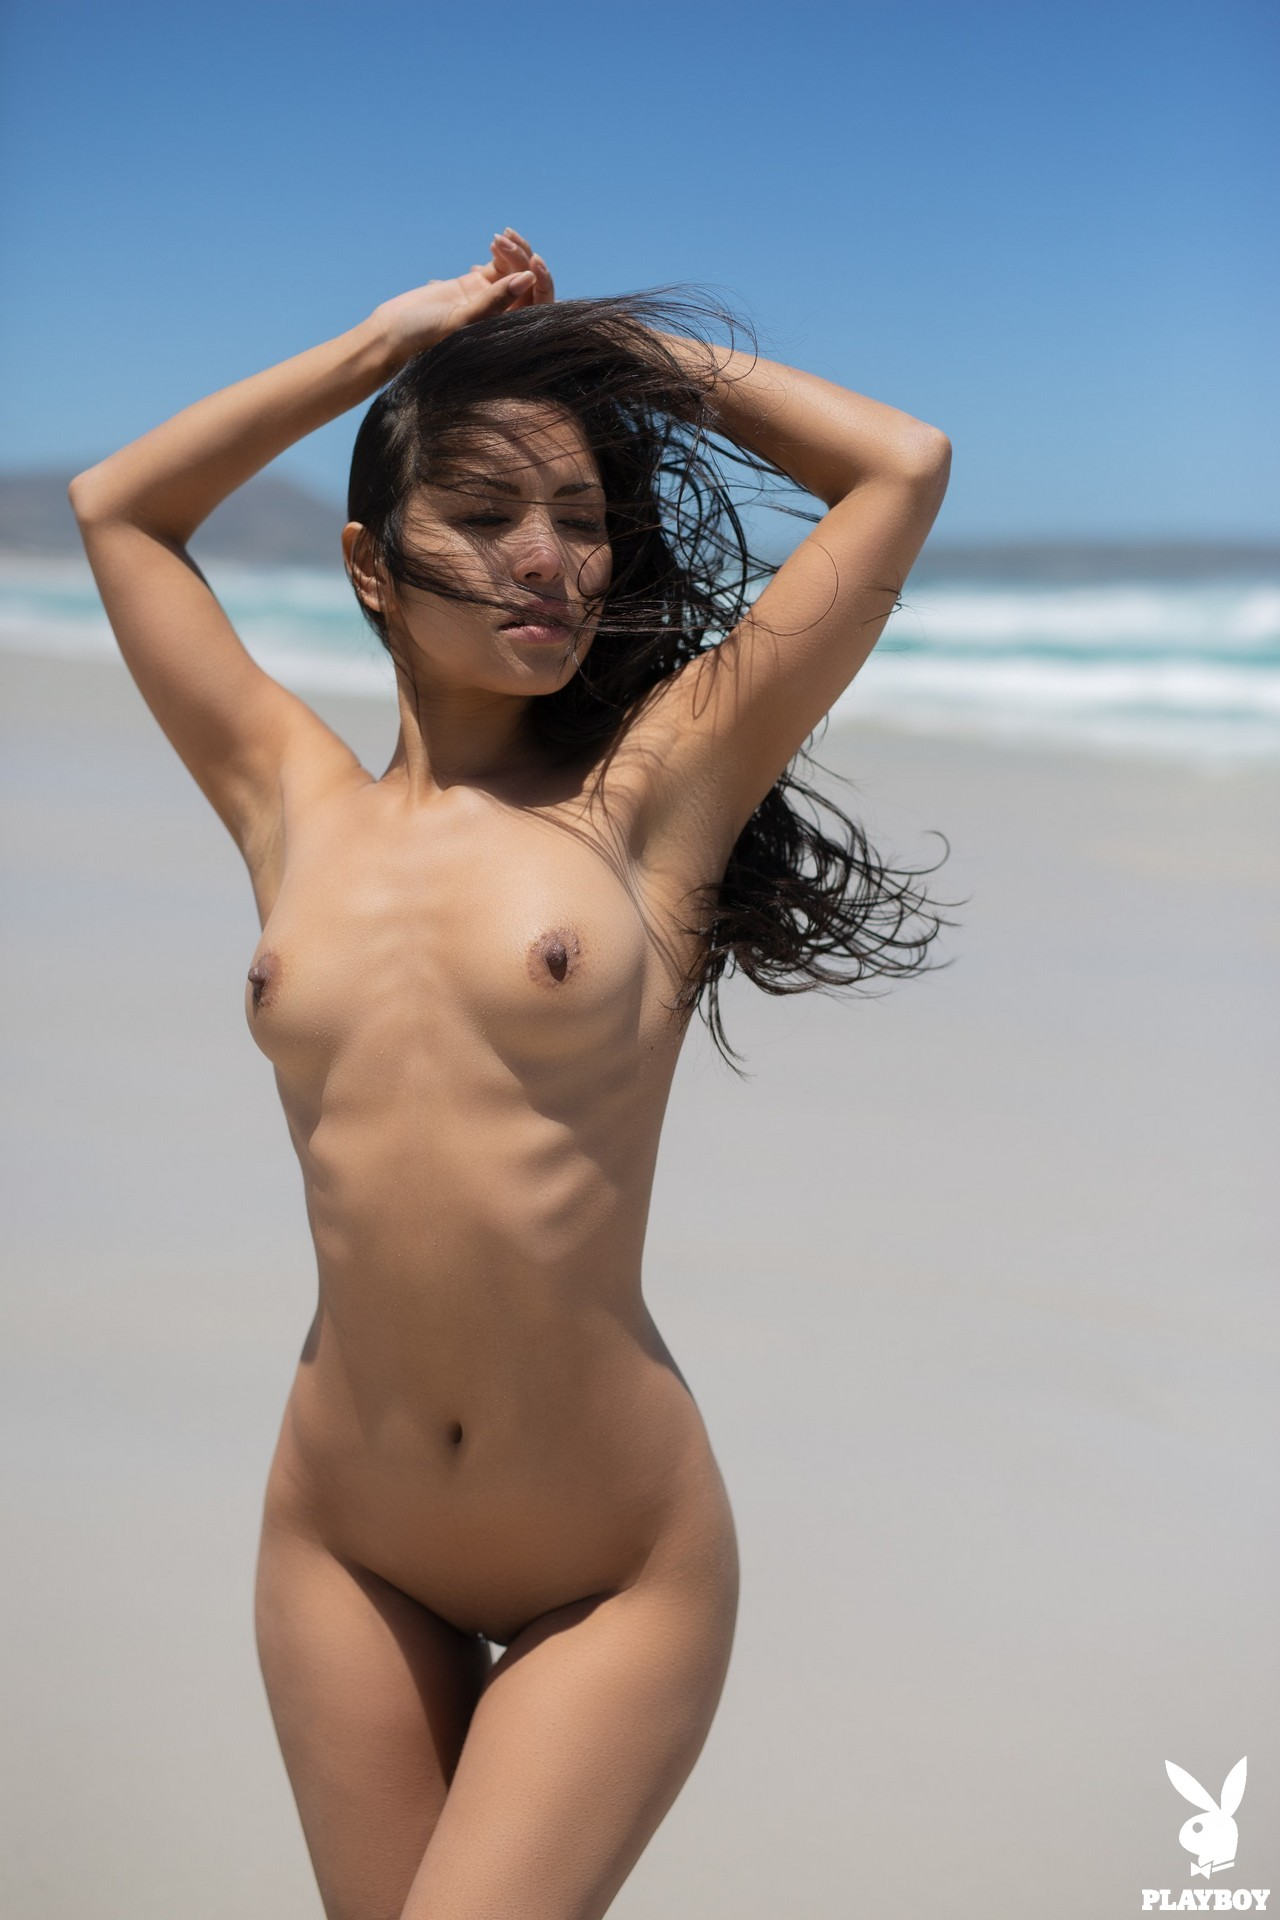 Chloe Rose in Windswept - Playboy Plus 9